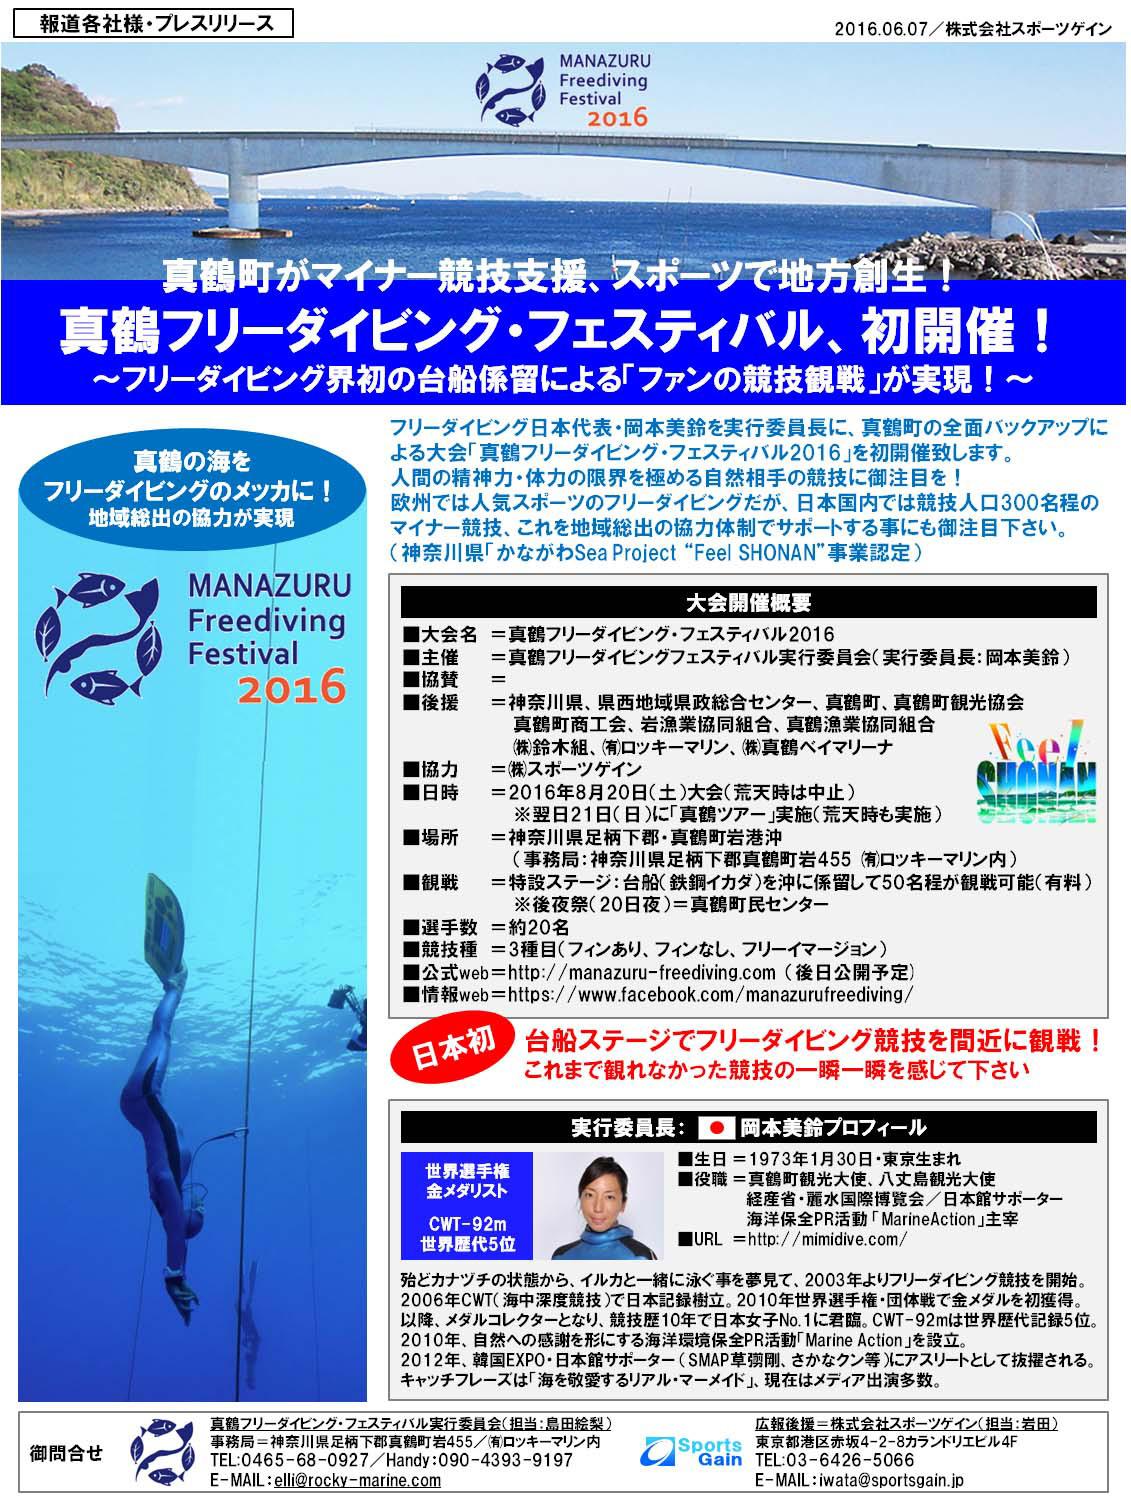 8/20「真鶴フリーダイビング・フェスティバル2016」初開